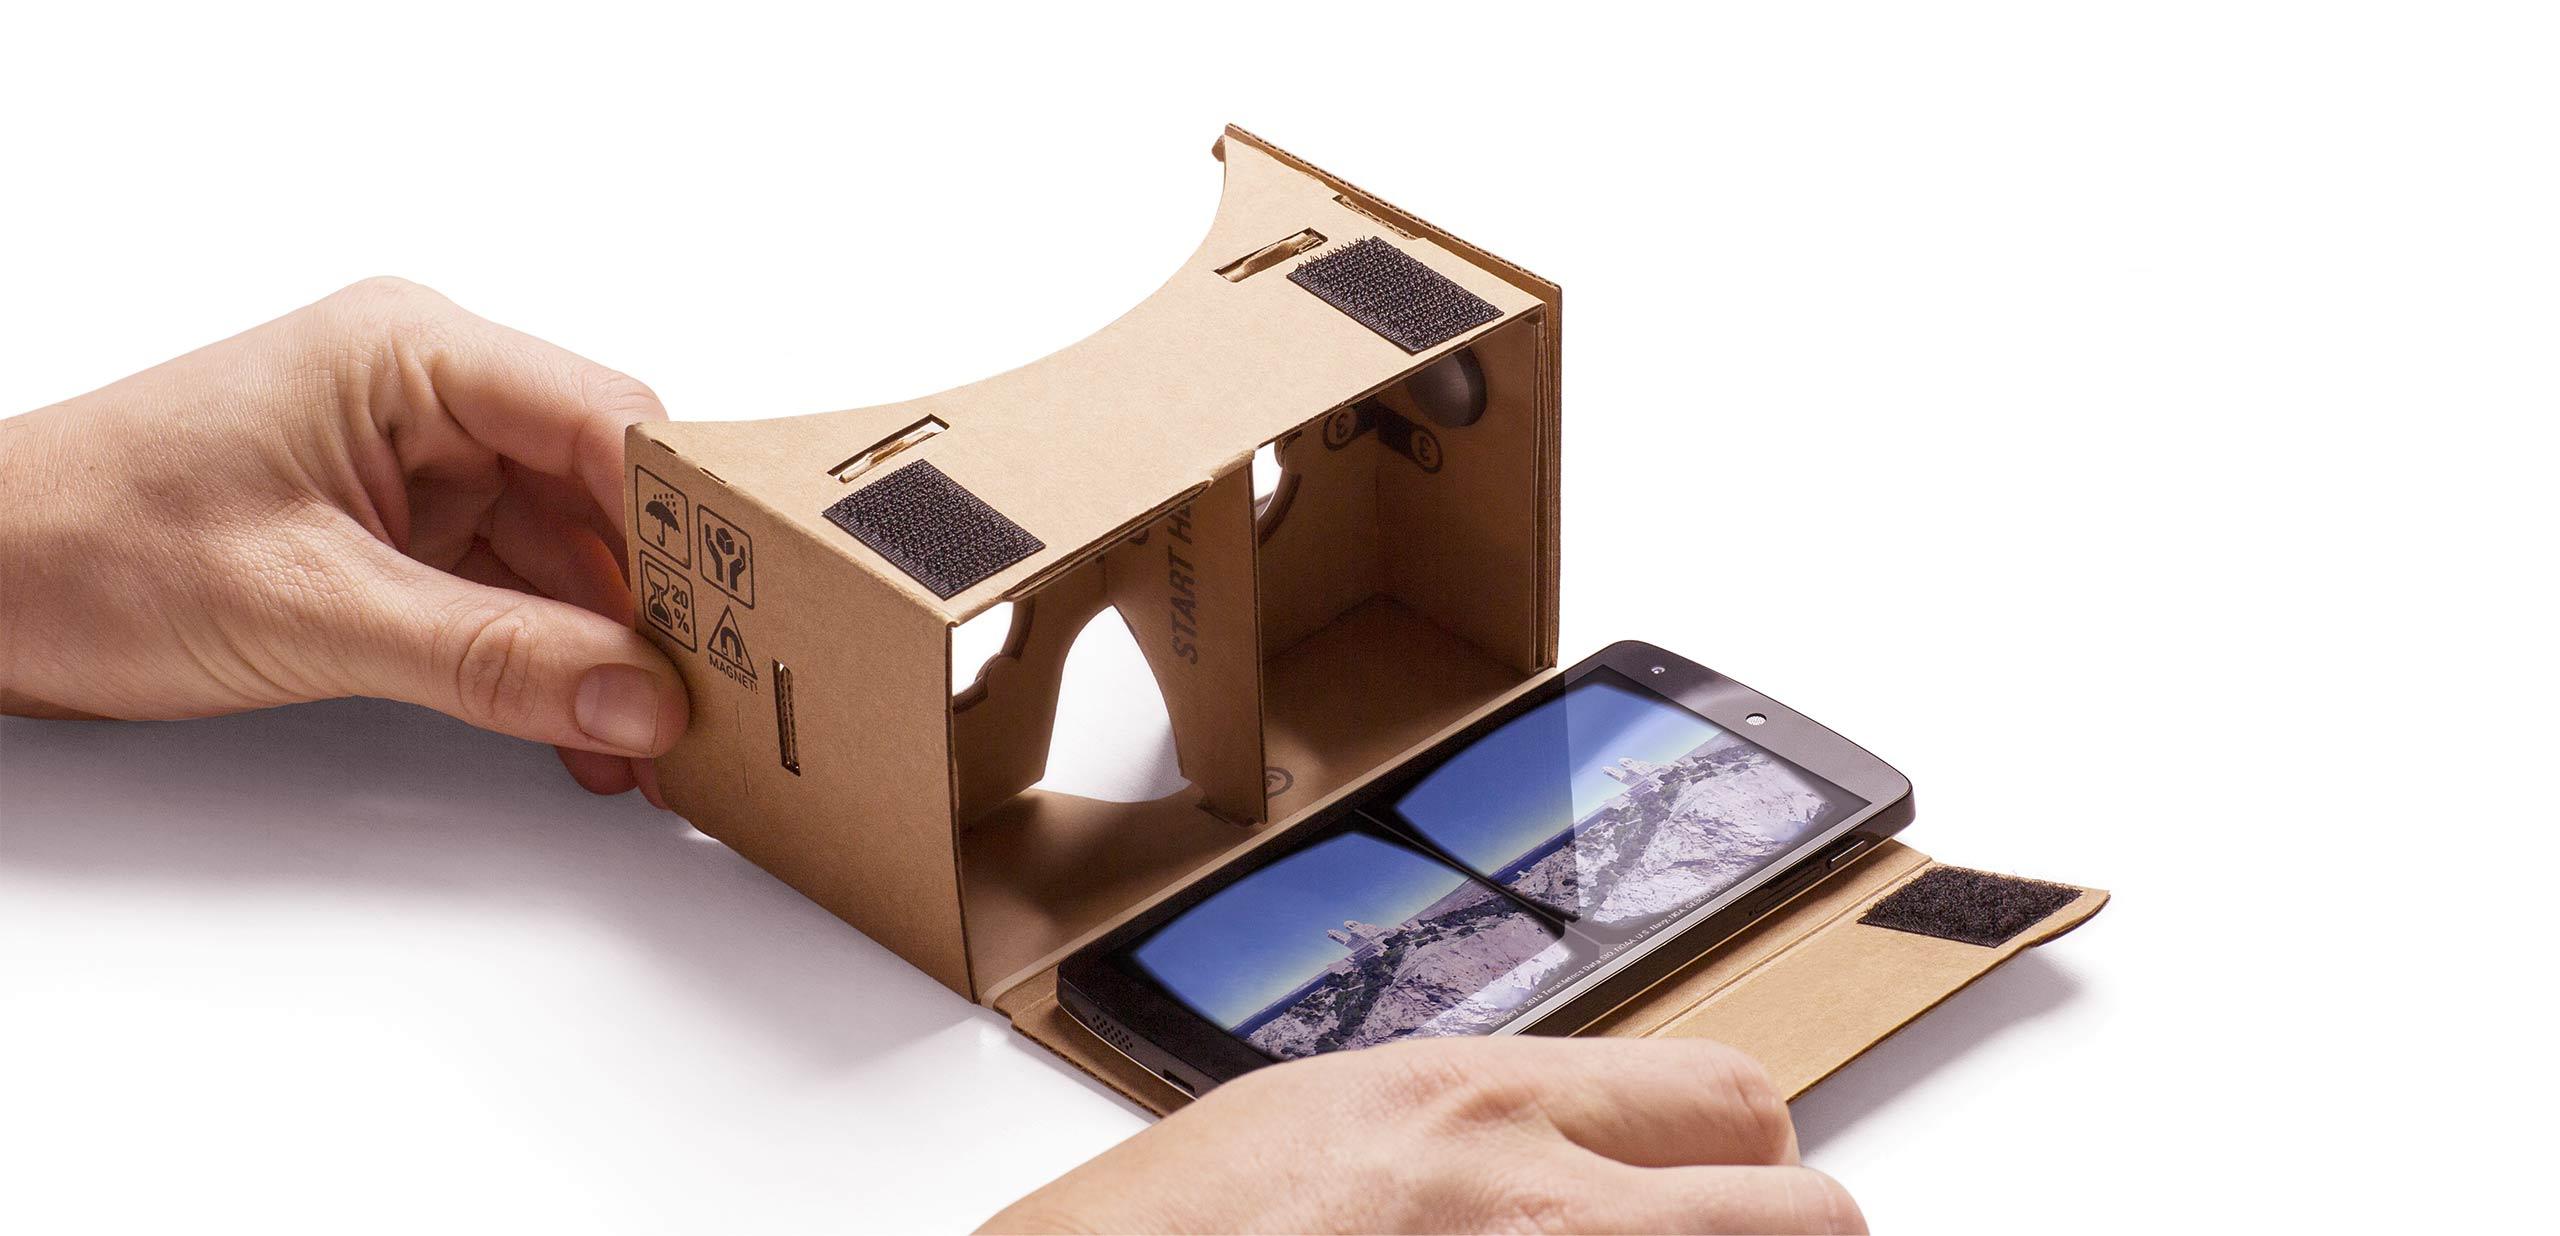 Prova la realtà virtuale sul tuo smartphone con Cardboard per Android 1